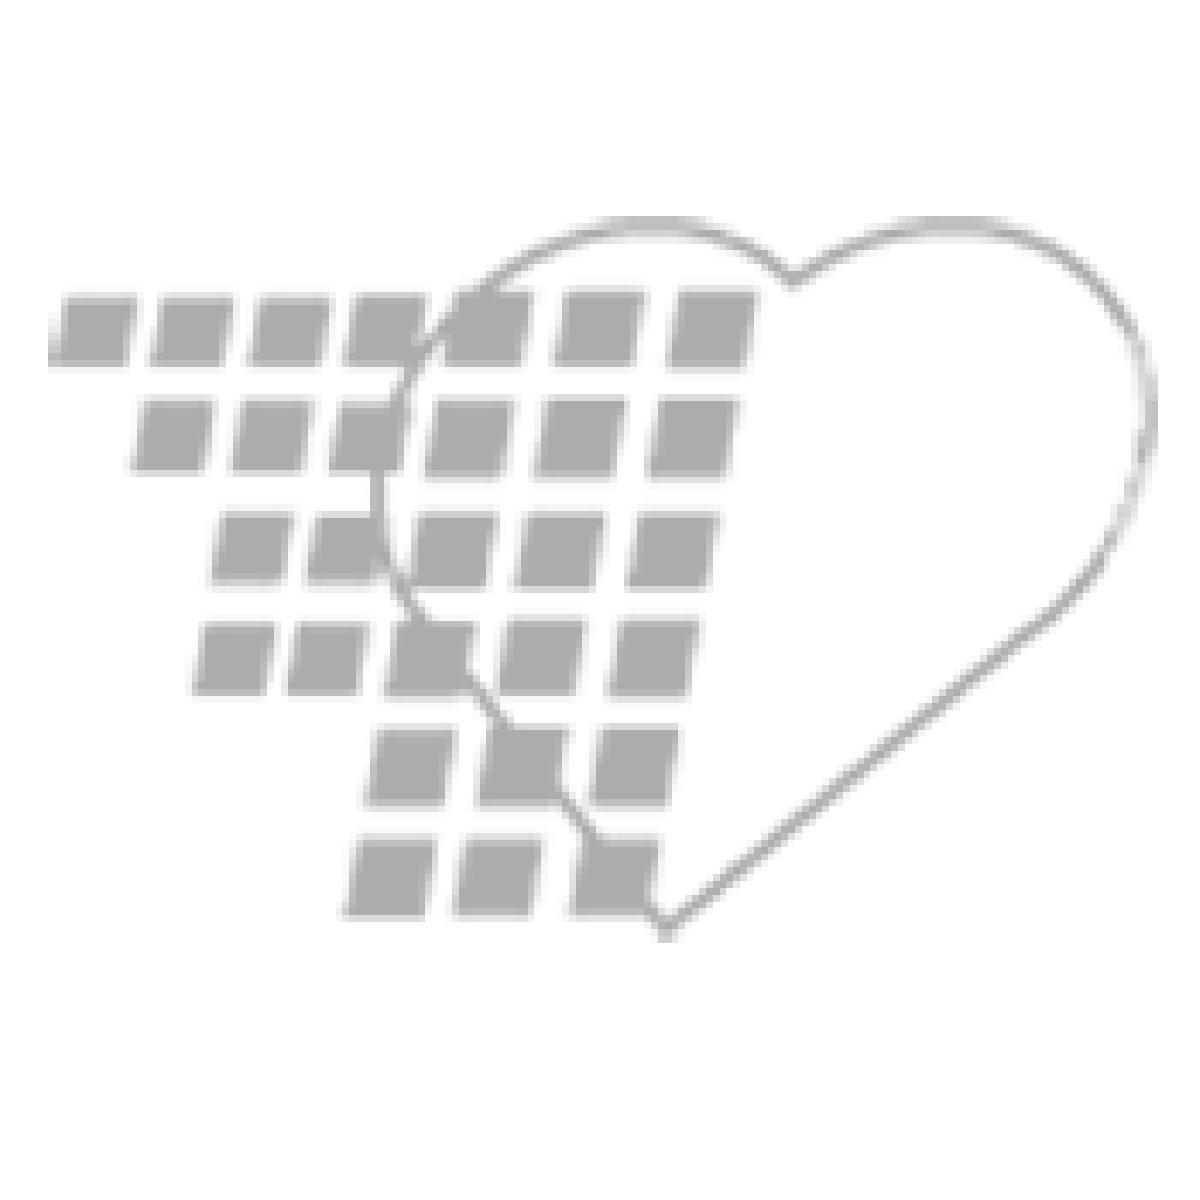 11-81-0117 Life/form® NG Tube & Trach Skills Simulator